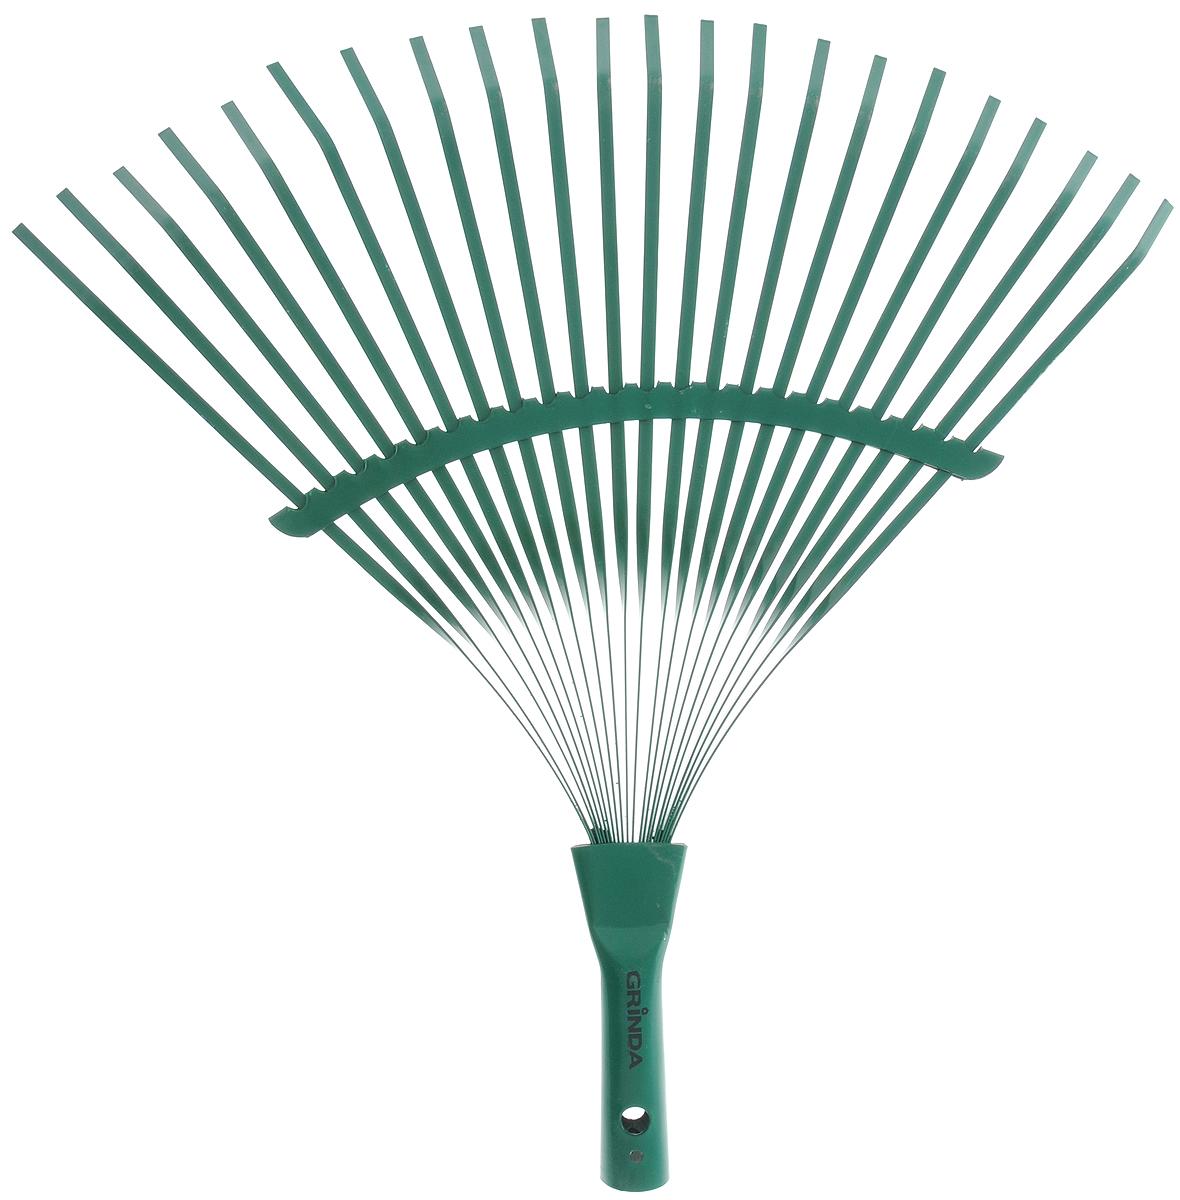 Грабли Grinda, веерные, цвет: зеленый, 22 зуба421877_зеленыйВеерные грабли Grinda изготовлены из прочной углеродистой стали и идеально подходят для уборки листьев, срезанной травы и прочего садового мусора. Благодаря большому количеству зубцов, расположенных по принципу веера, уборка территории будет сделана в короткие сроки. Черенок в комплект не входит.